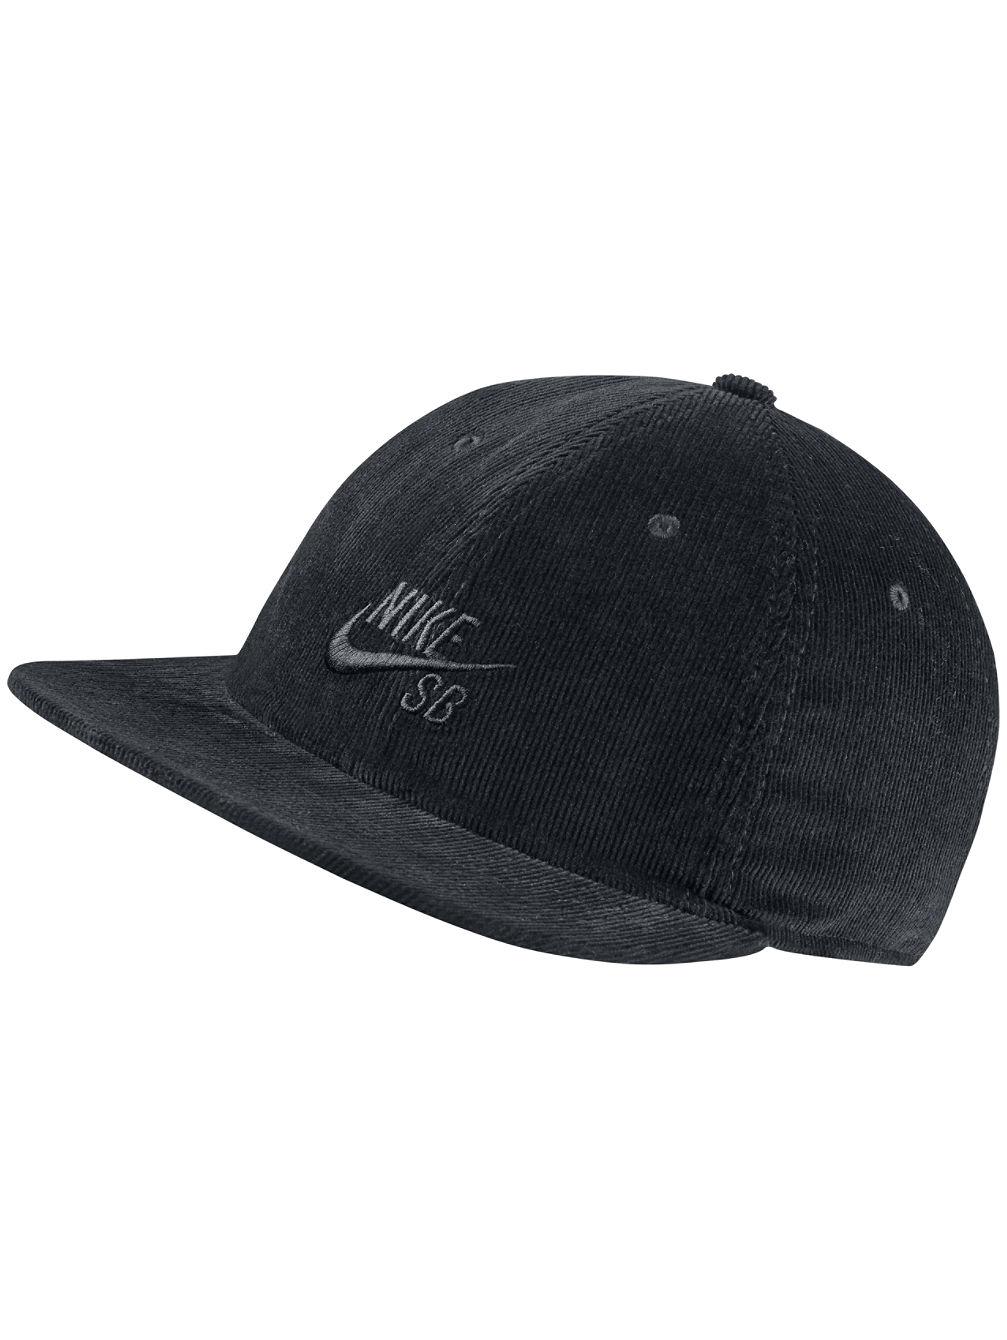 Buy Nike SB Heritage 86 Flat Cap online at blue-tomato.com 10d90acc7e9